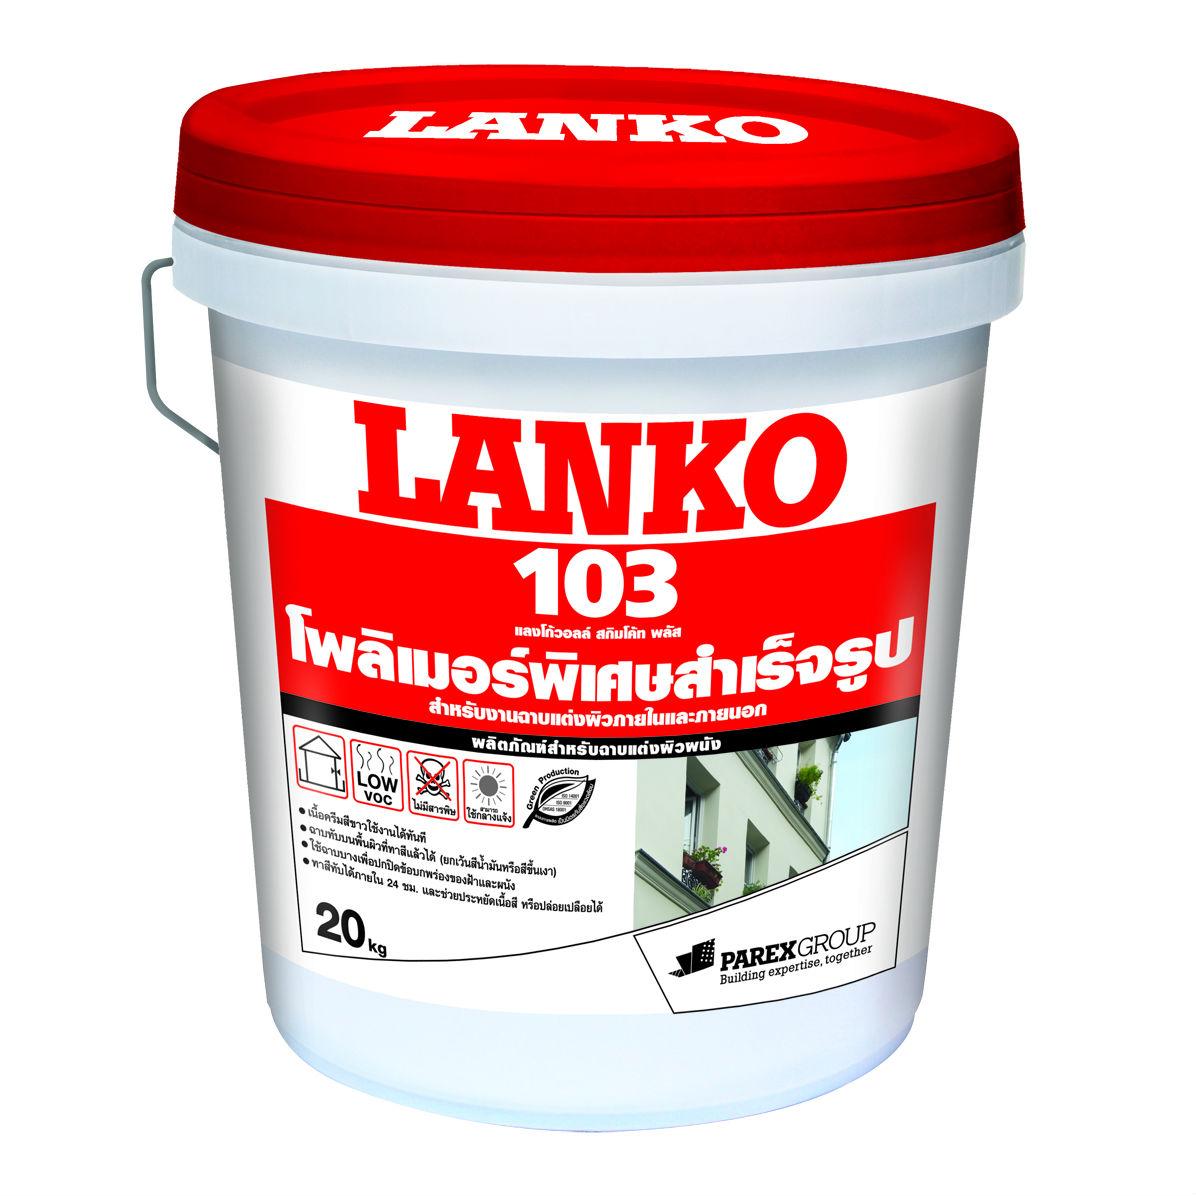 LANKO 103